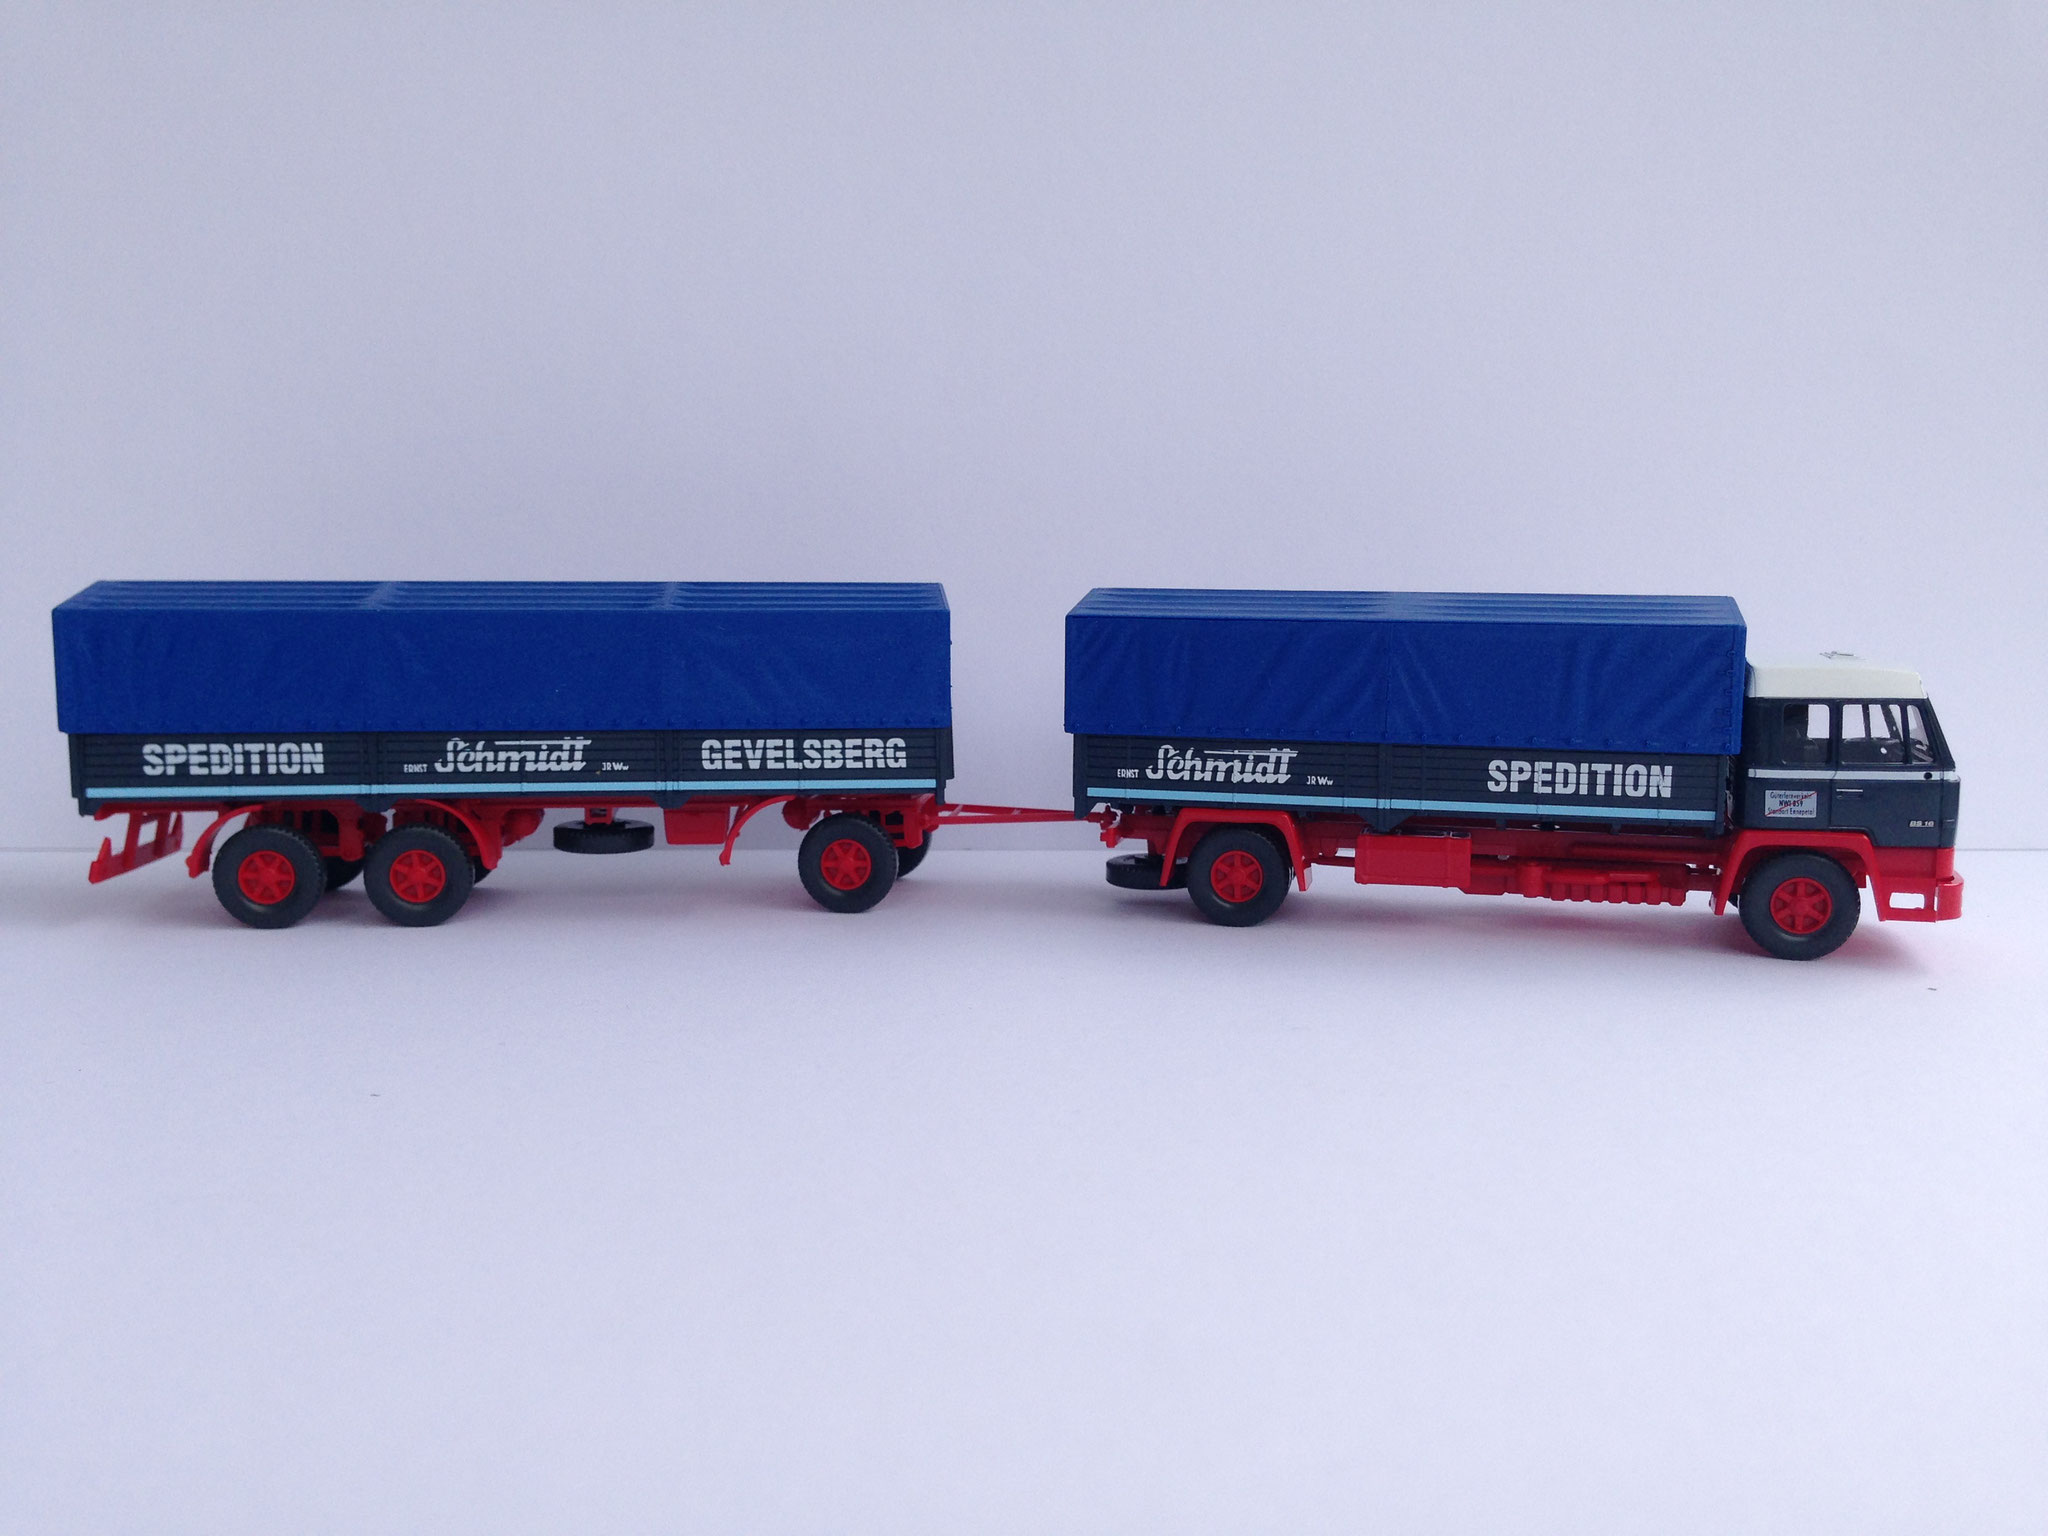 Schmidt 2-Achser mit 3-Achs-Anhänger, Pritsche/Plane, Art. Nr. 849 08 46 (ab 2009 im Programm)